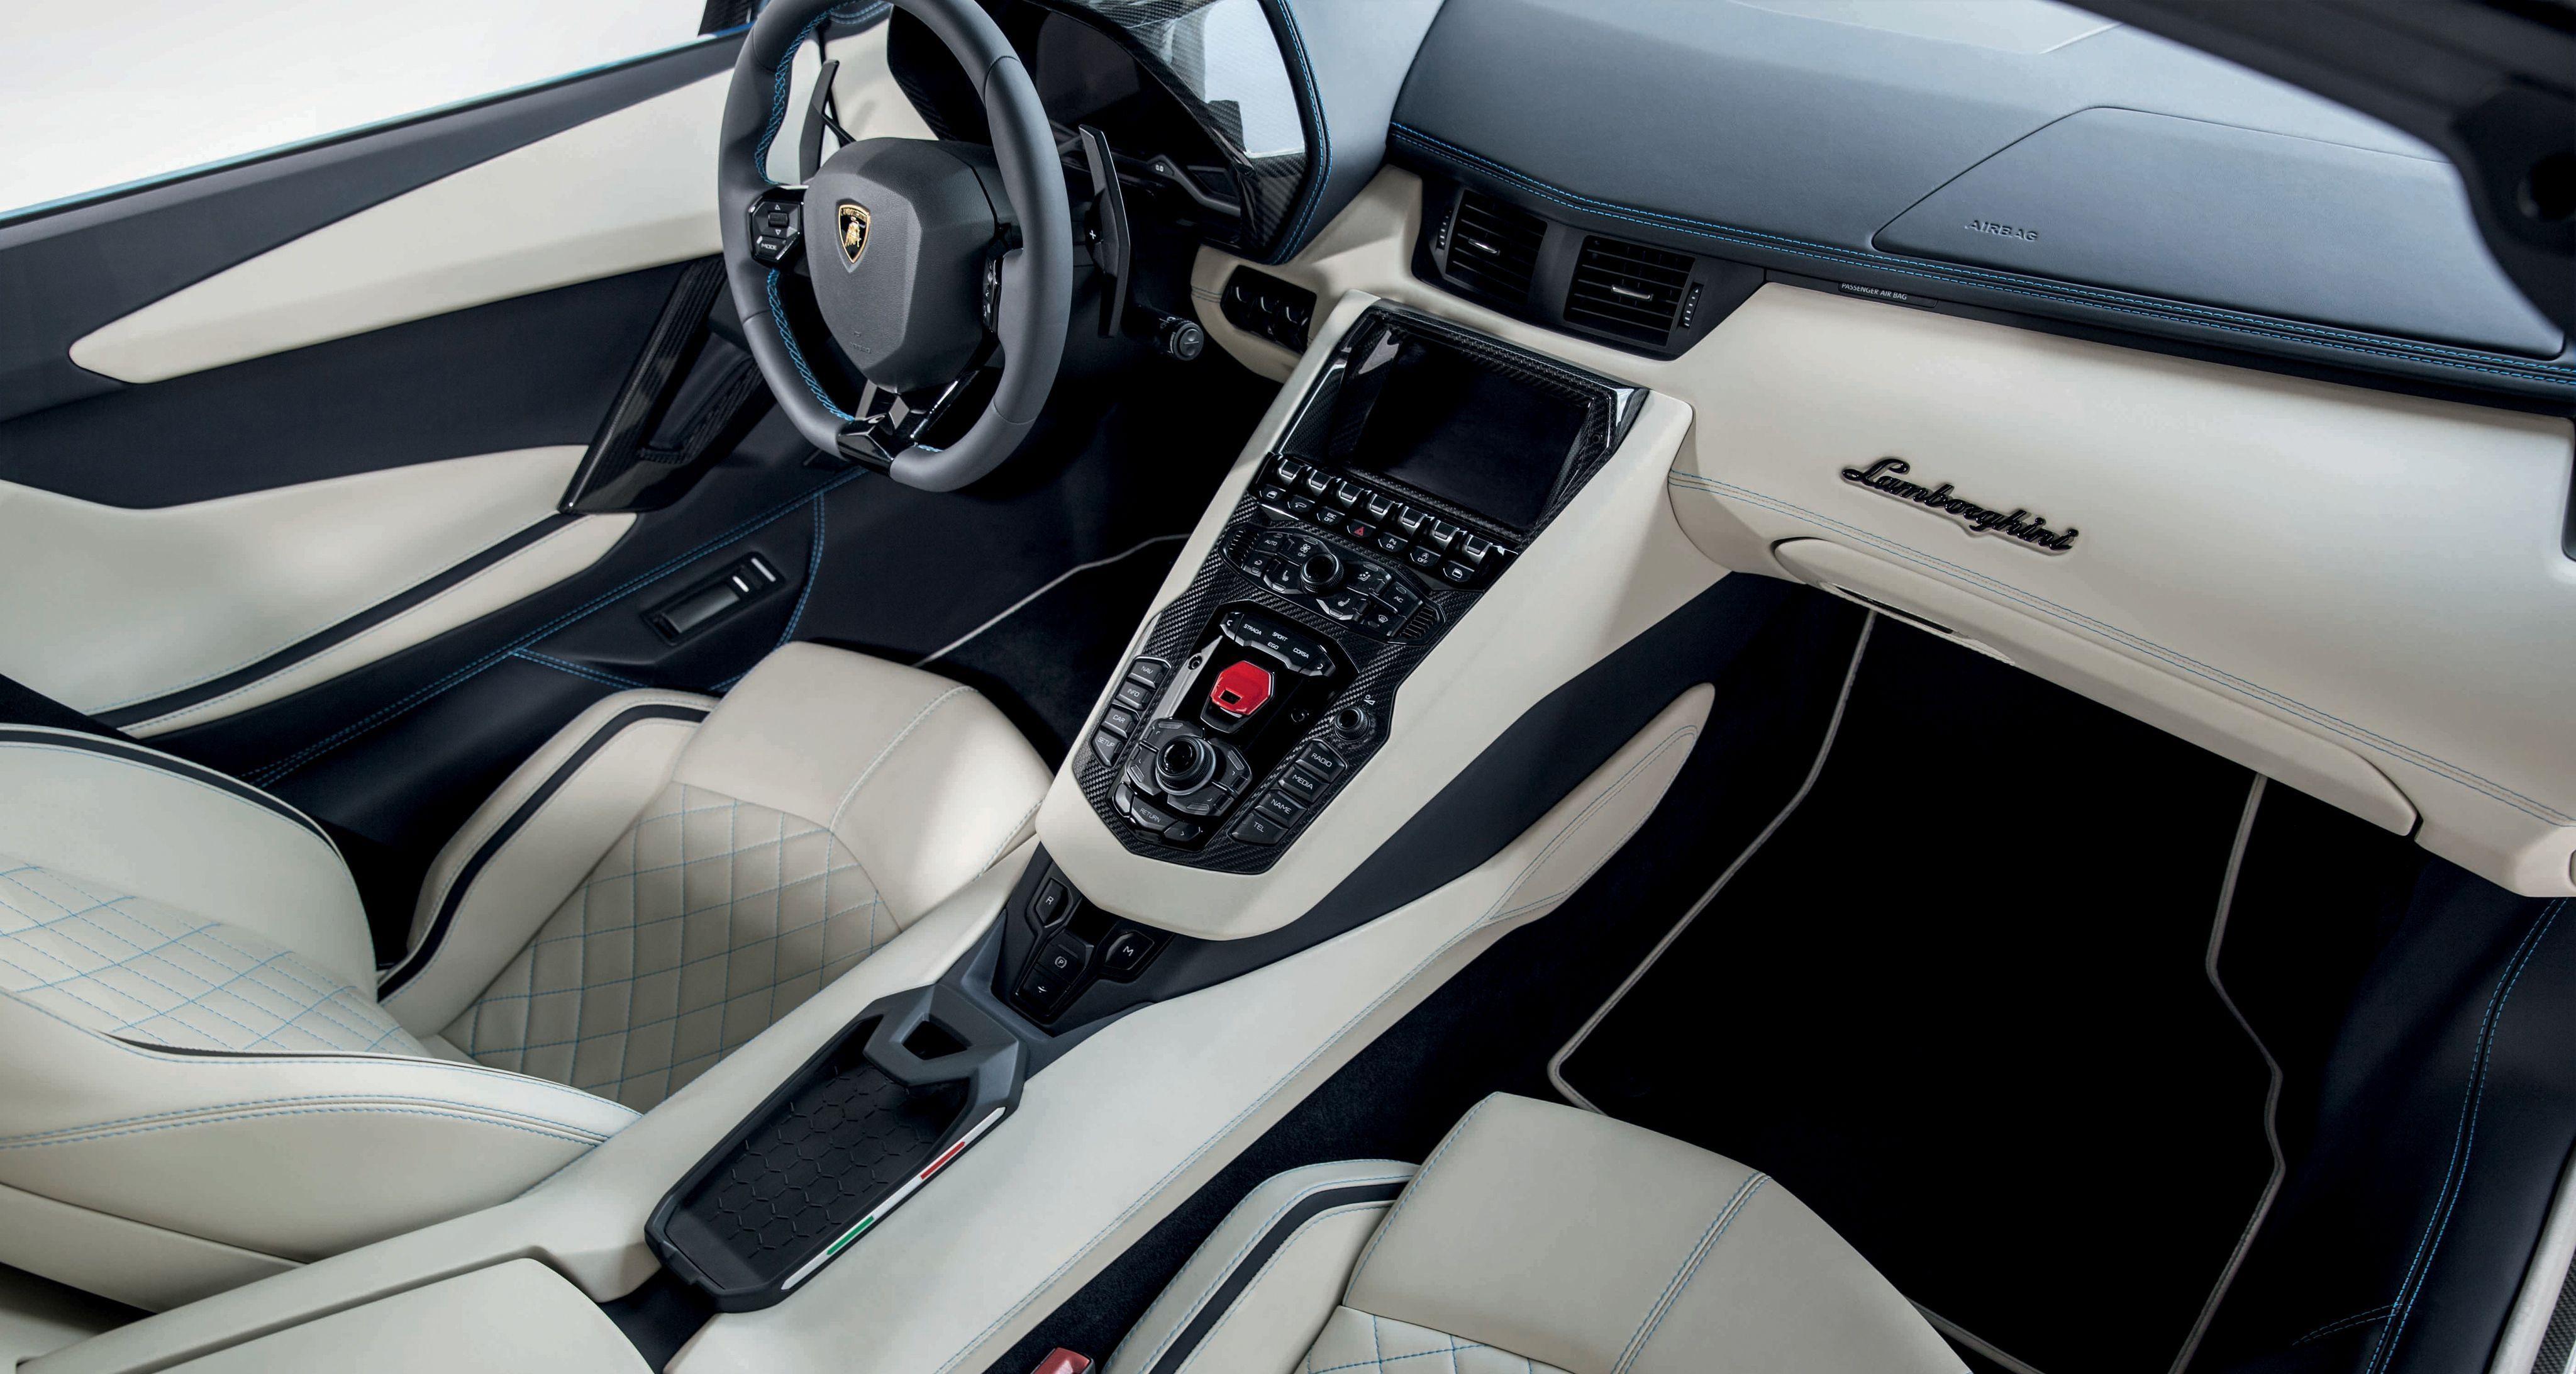 Lamborghini aventador s roadster wallpapers wallpaper cave - Lamborghini aventador interior wallpaper ...